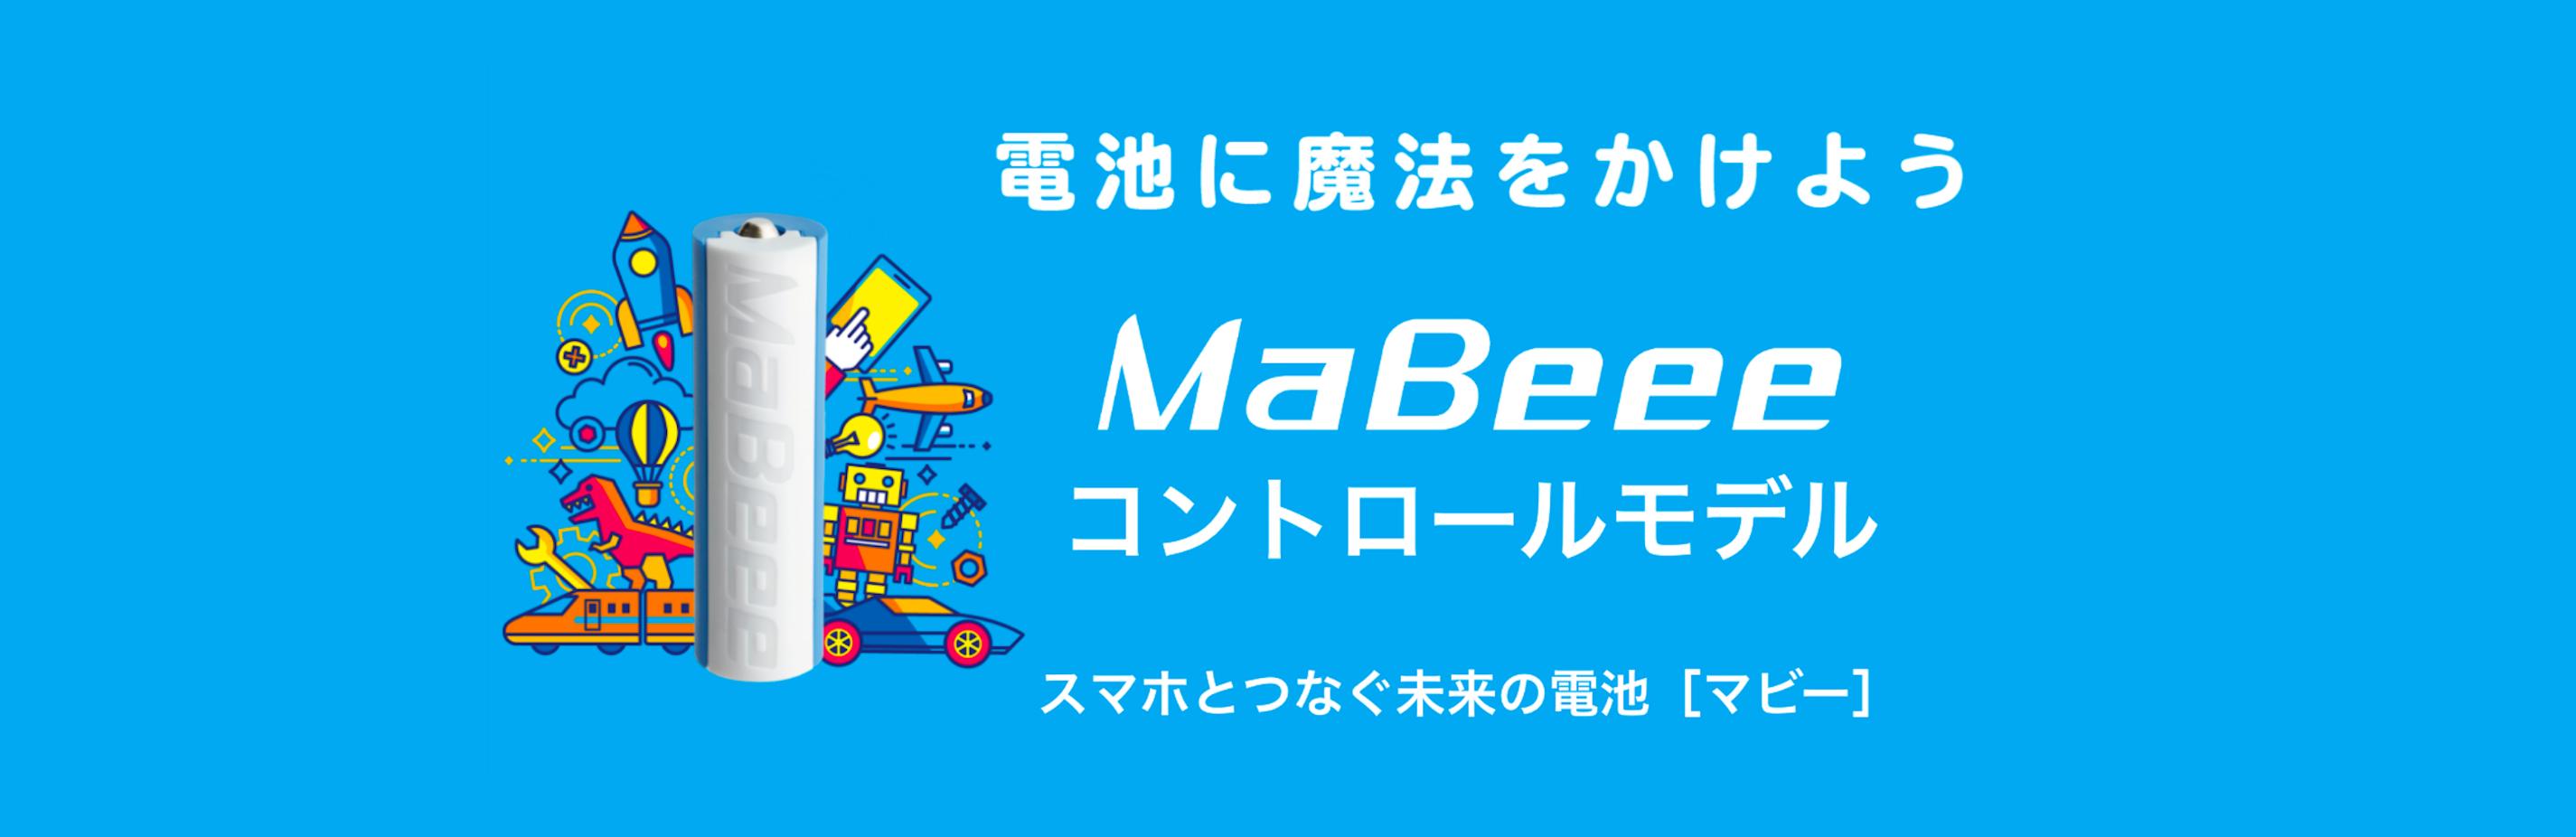 Mabeee トイコントロールモデル